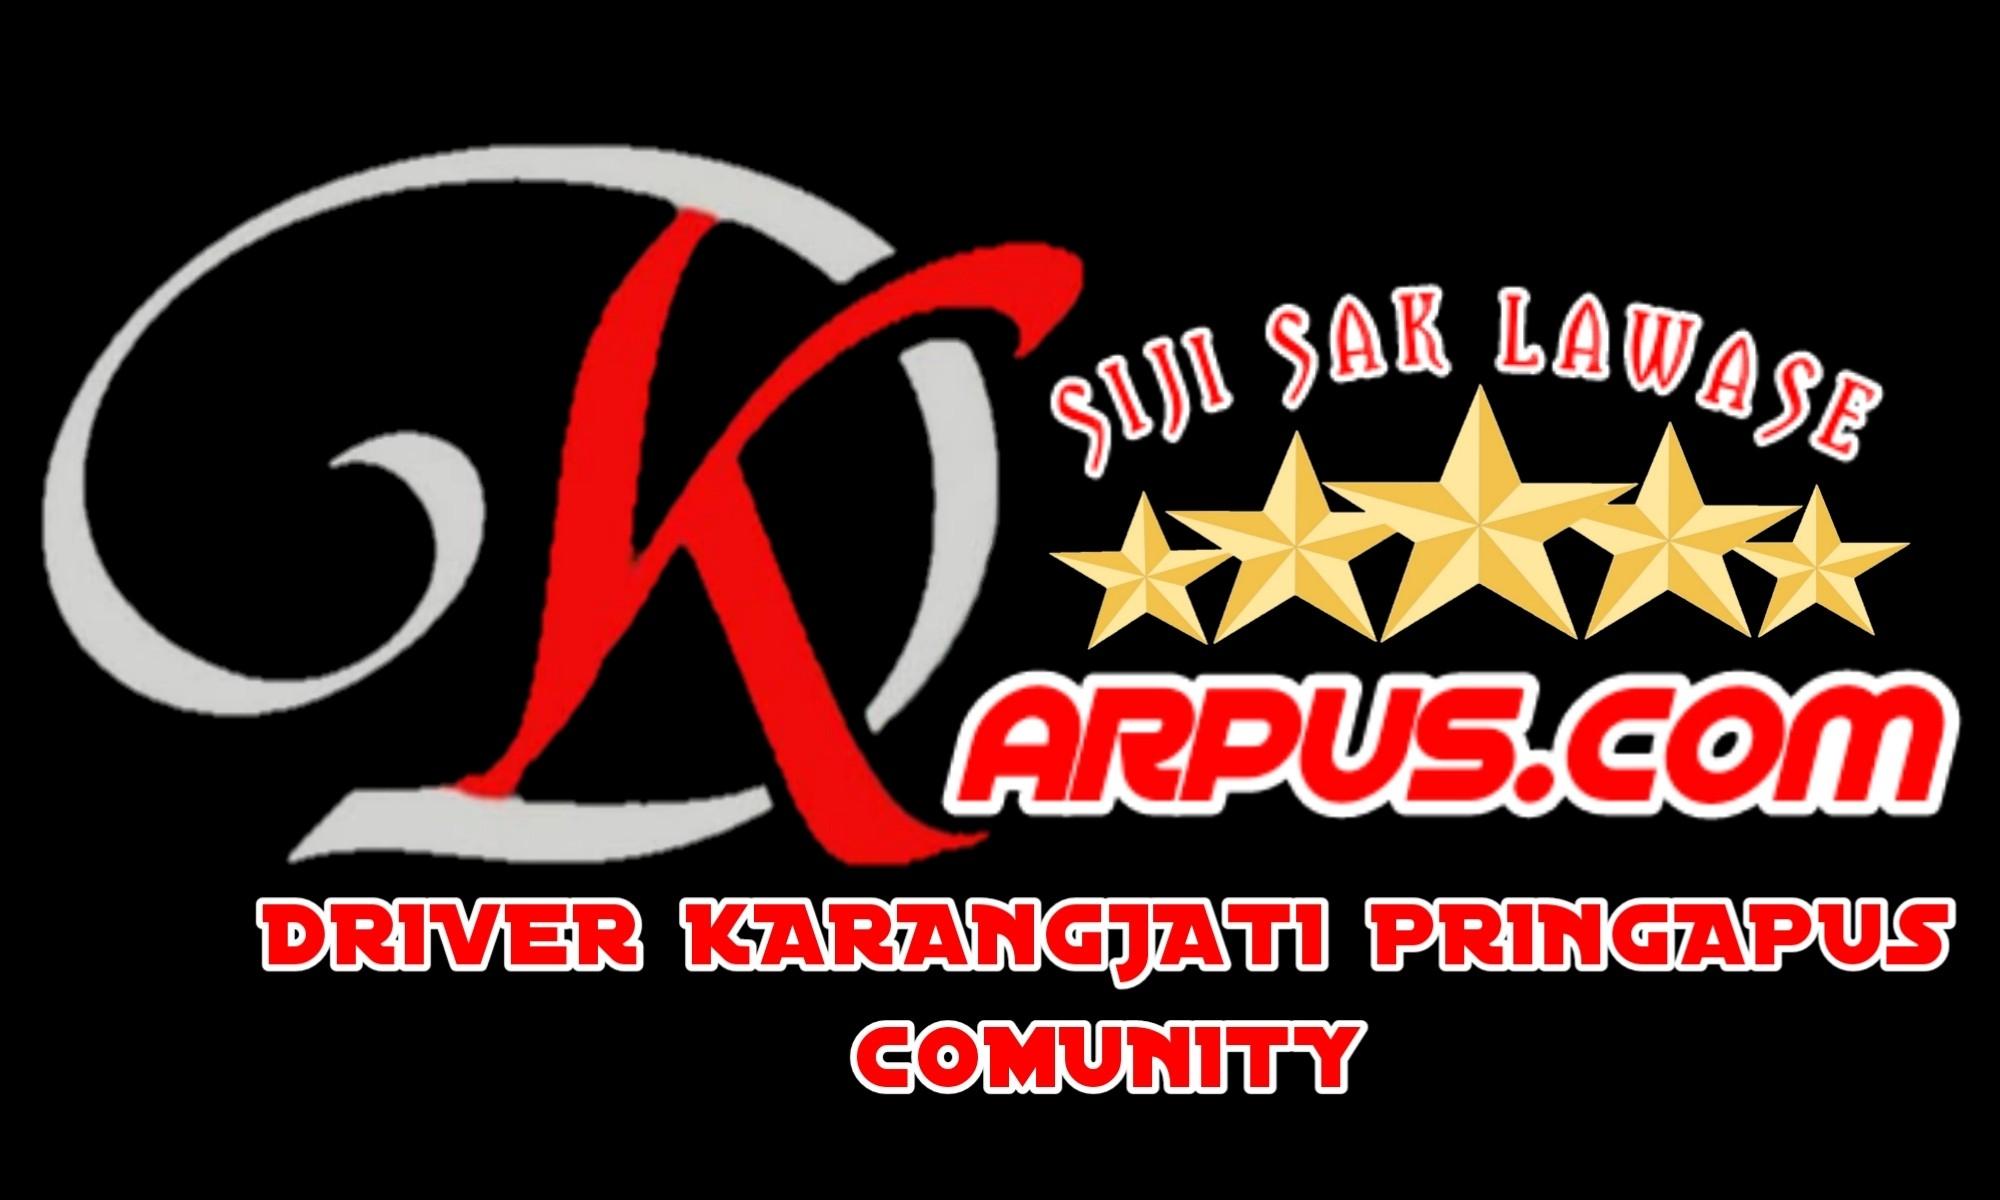 D-KARPUS.COM 4